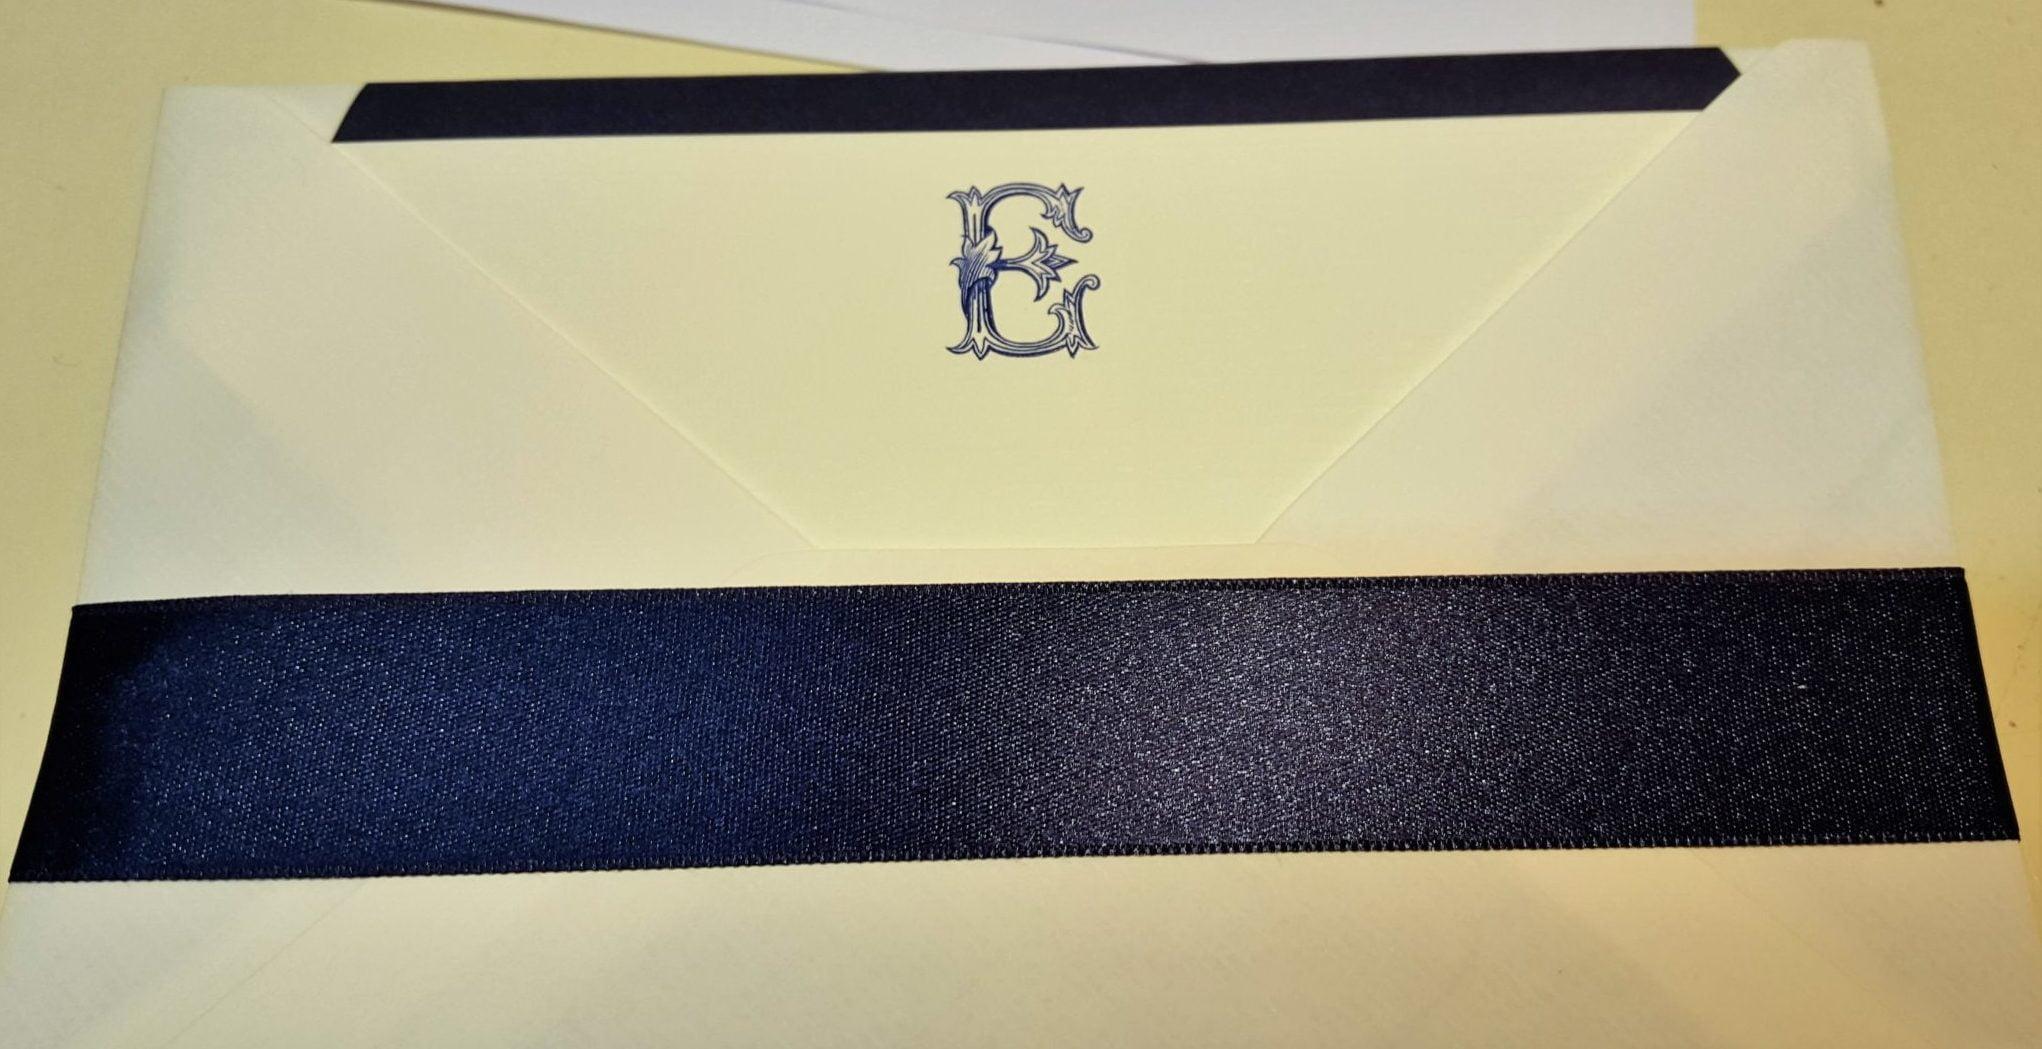 Personnalisation d'une enveloppe par une lettre de l'alphabet timbrée